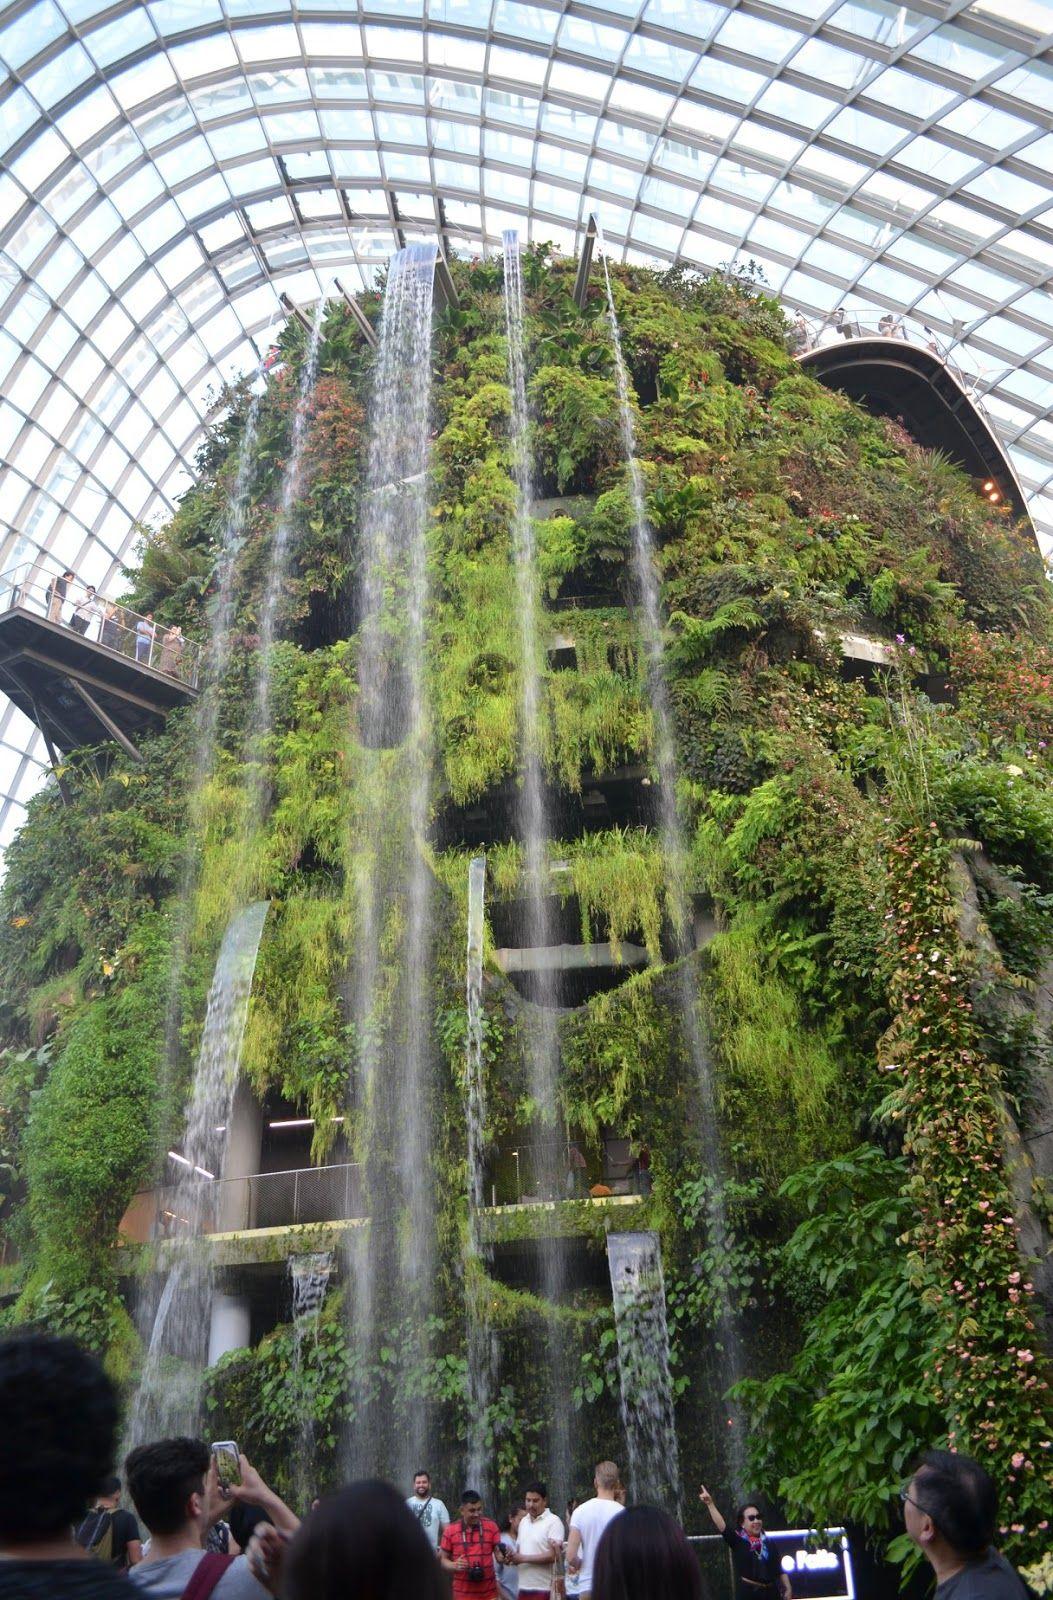 1025a1eec54a8e648aca172b368ce18b - Gardens By The Bay Cloud Forest Dome